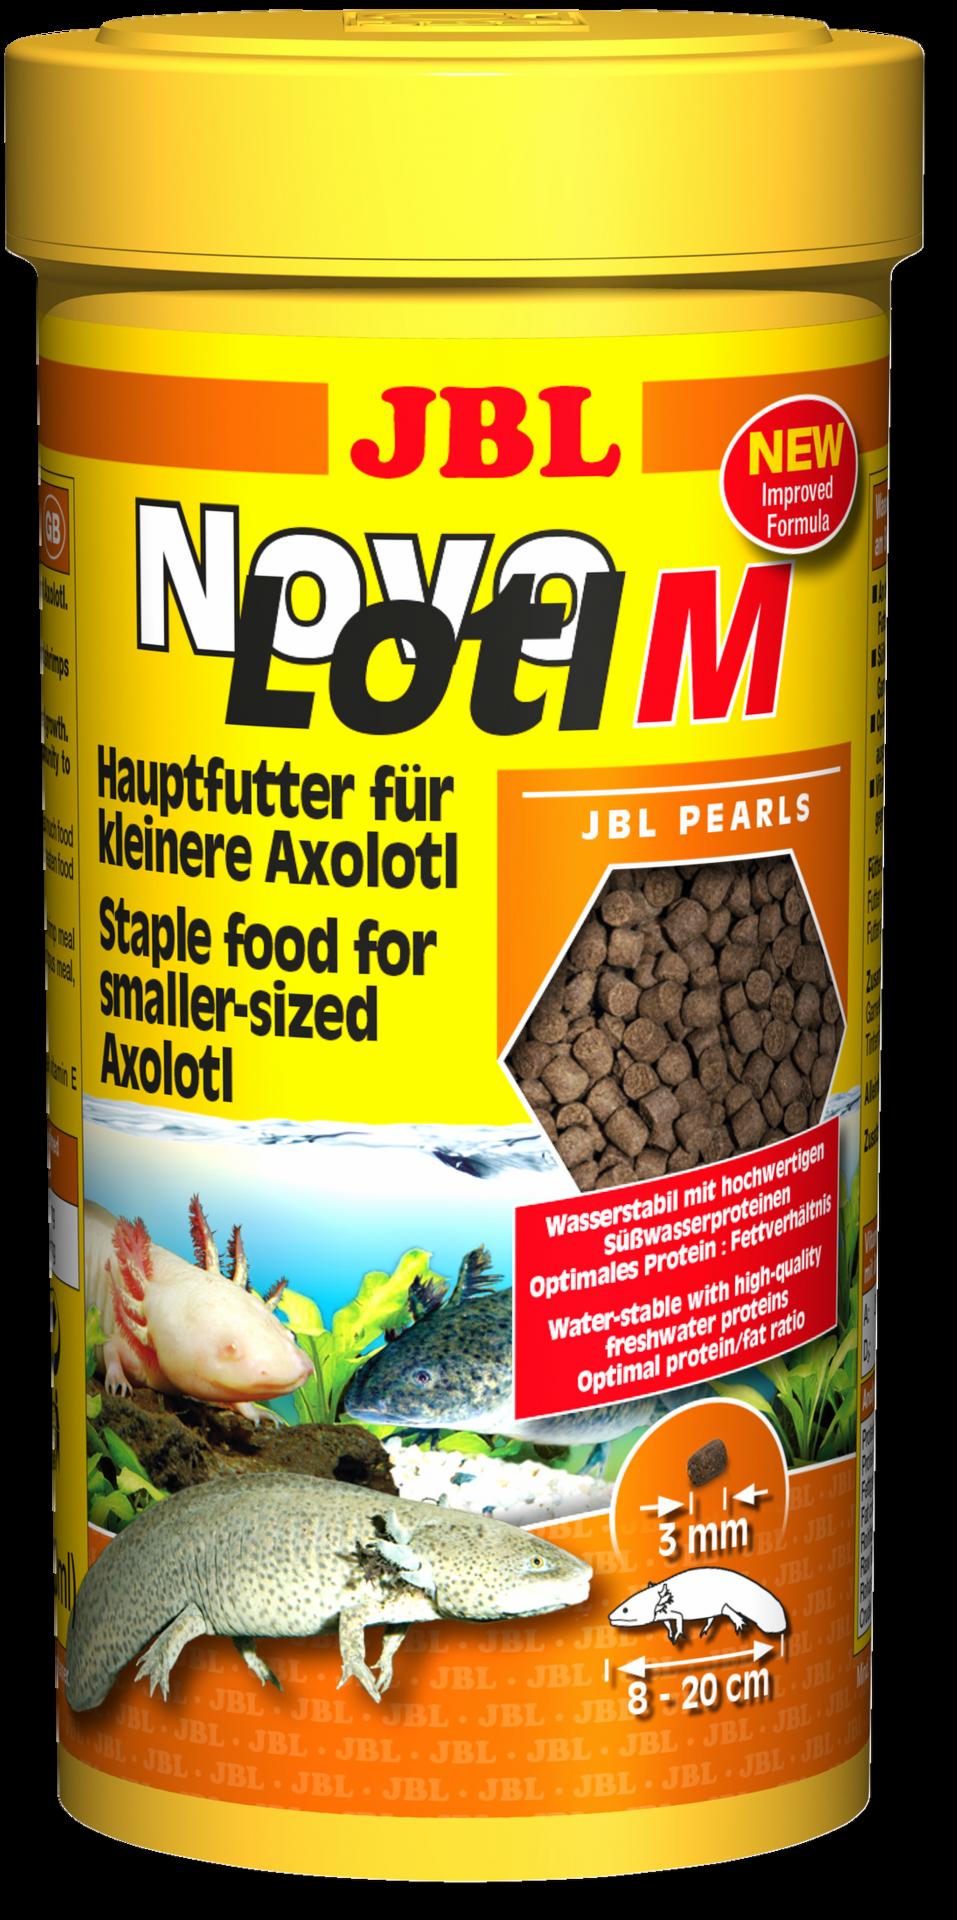 Novolotl m